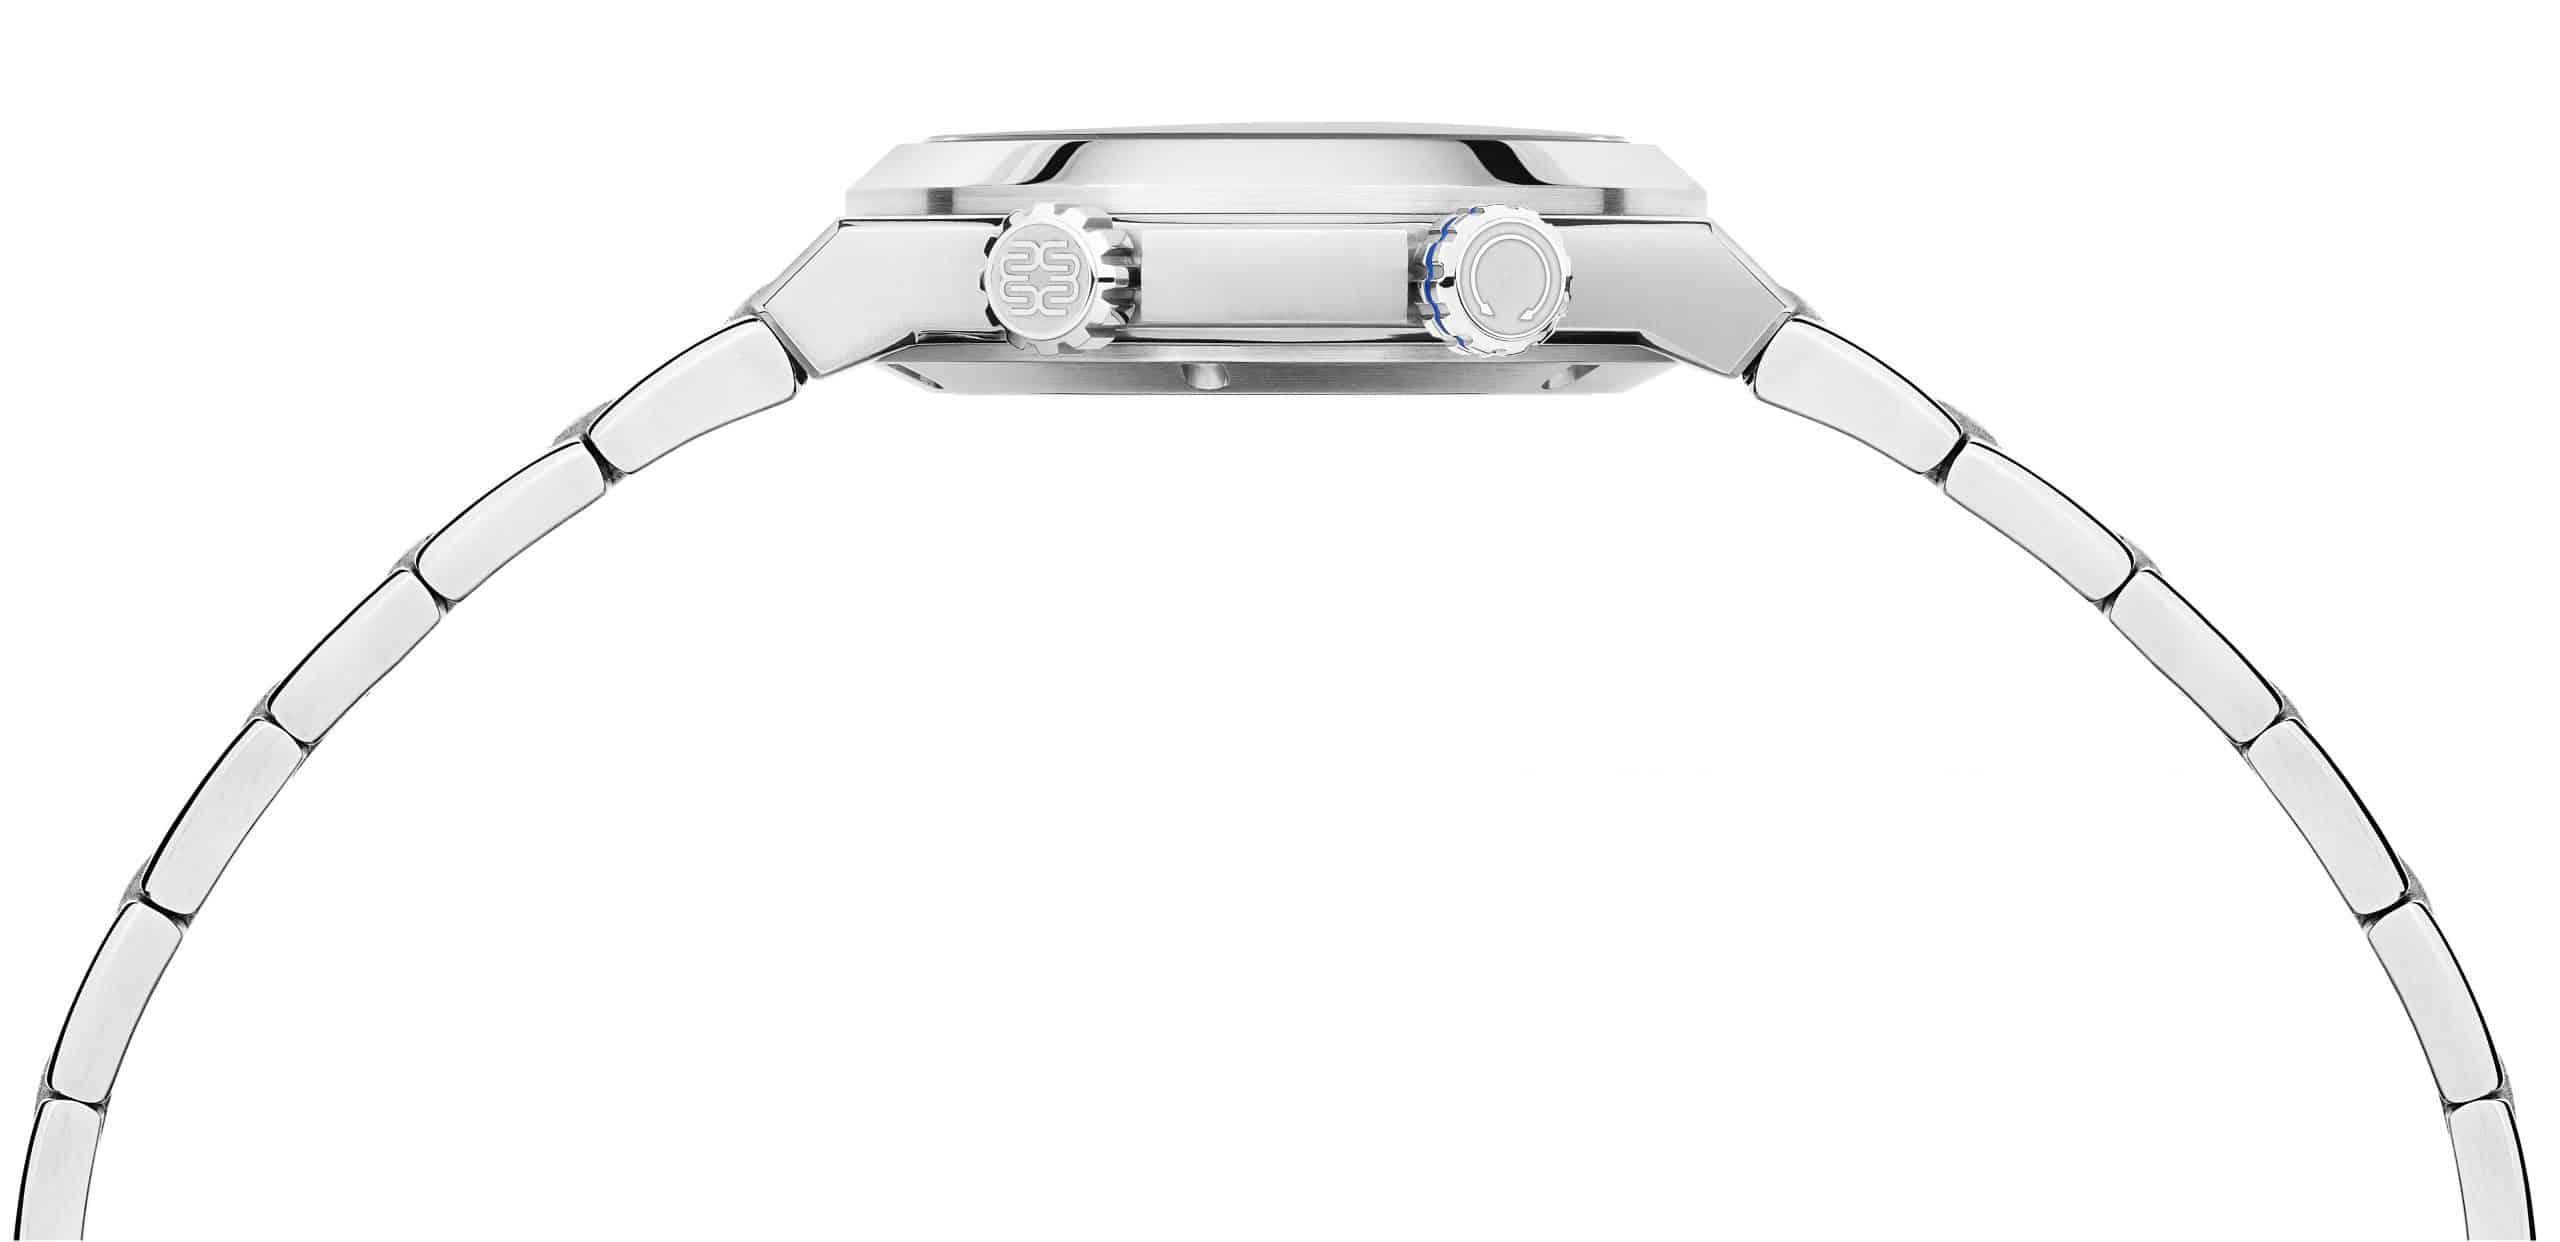 Die recht flache Höhe der Wempe Gezeitenuhr liegt am nur 3,6 mm hoch bauenden Automatikkaliber Sellita SW300-1.